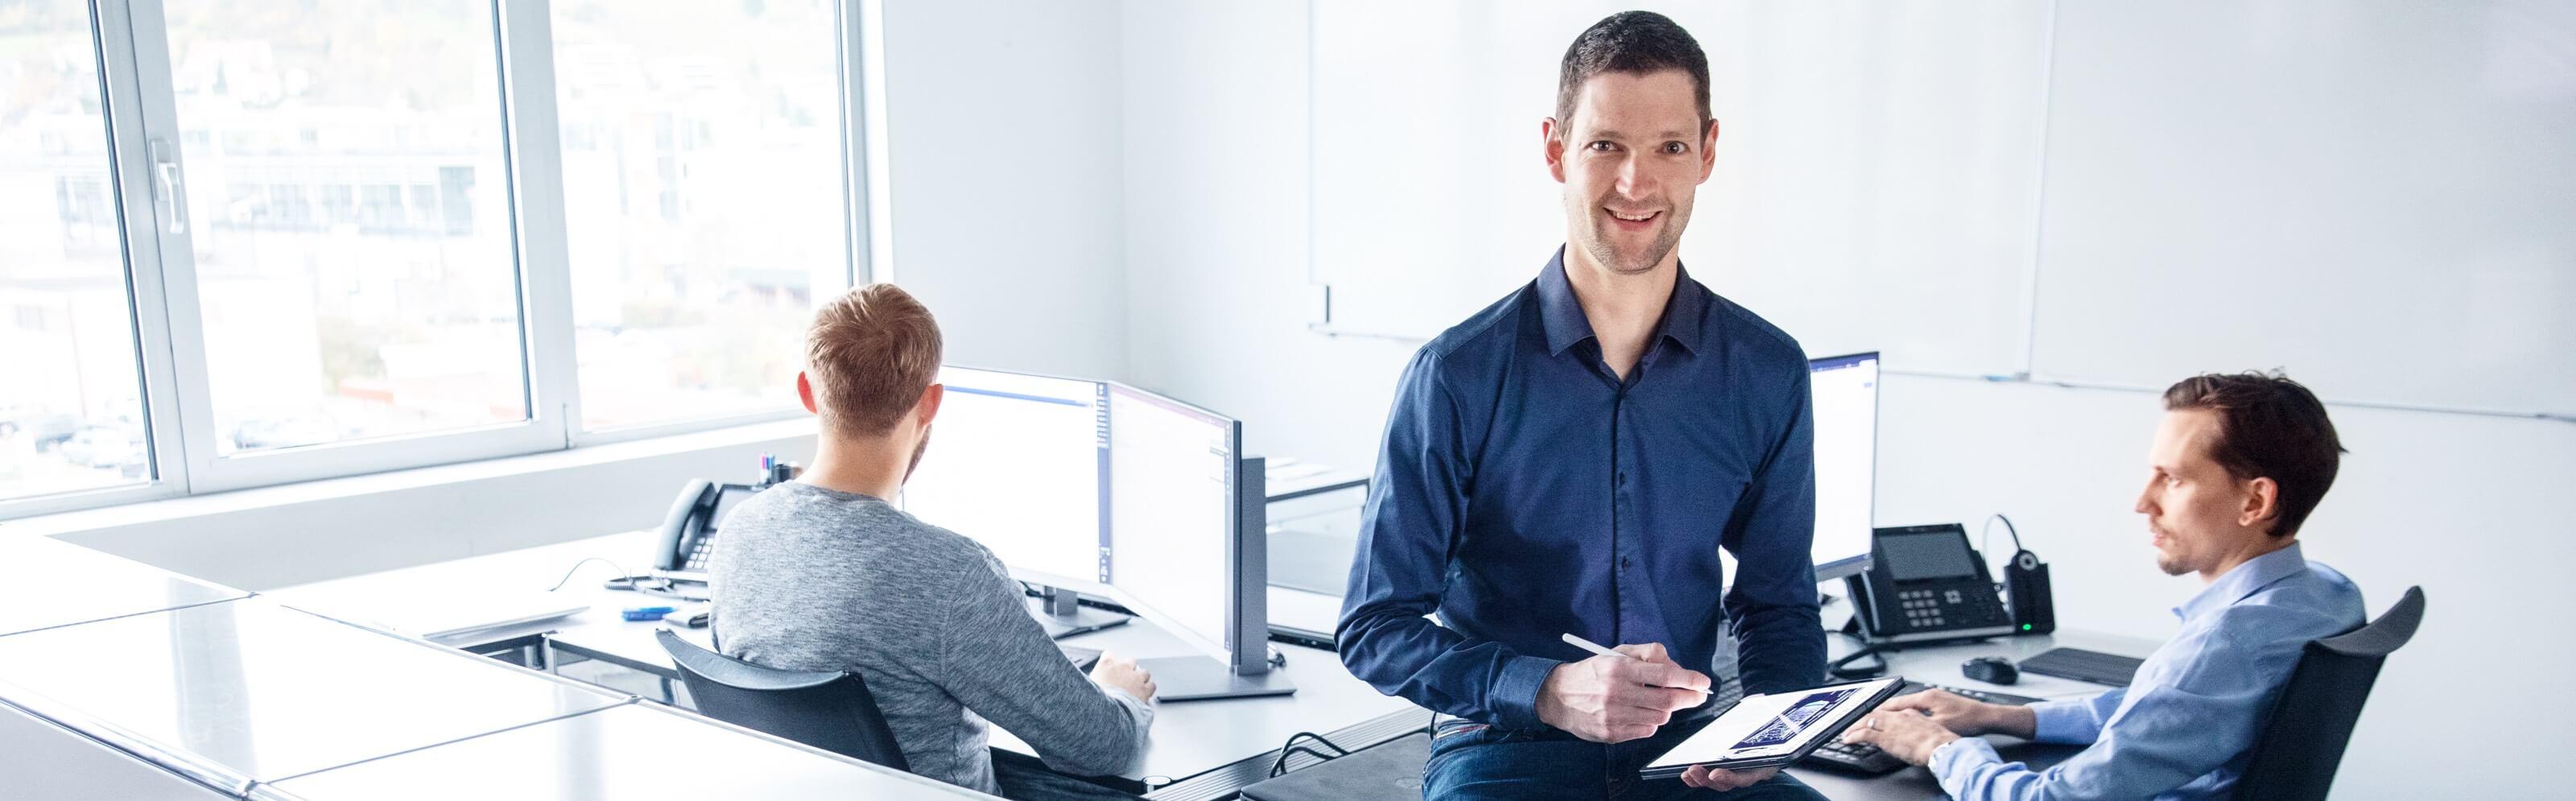 Persönliche Beratung für den sicheren Betrieb Ihrer IT